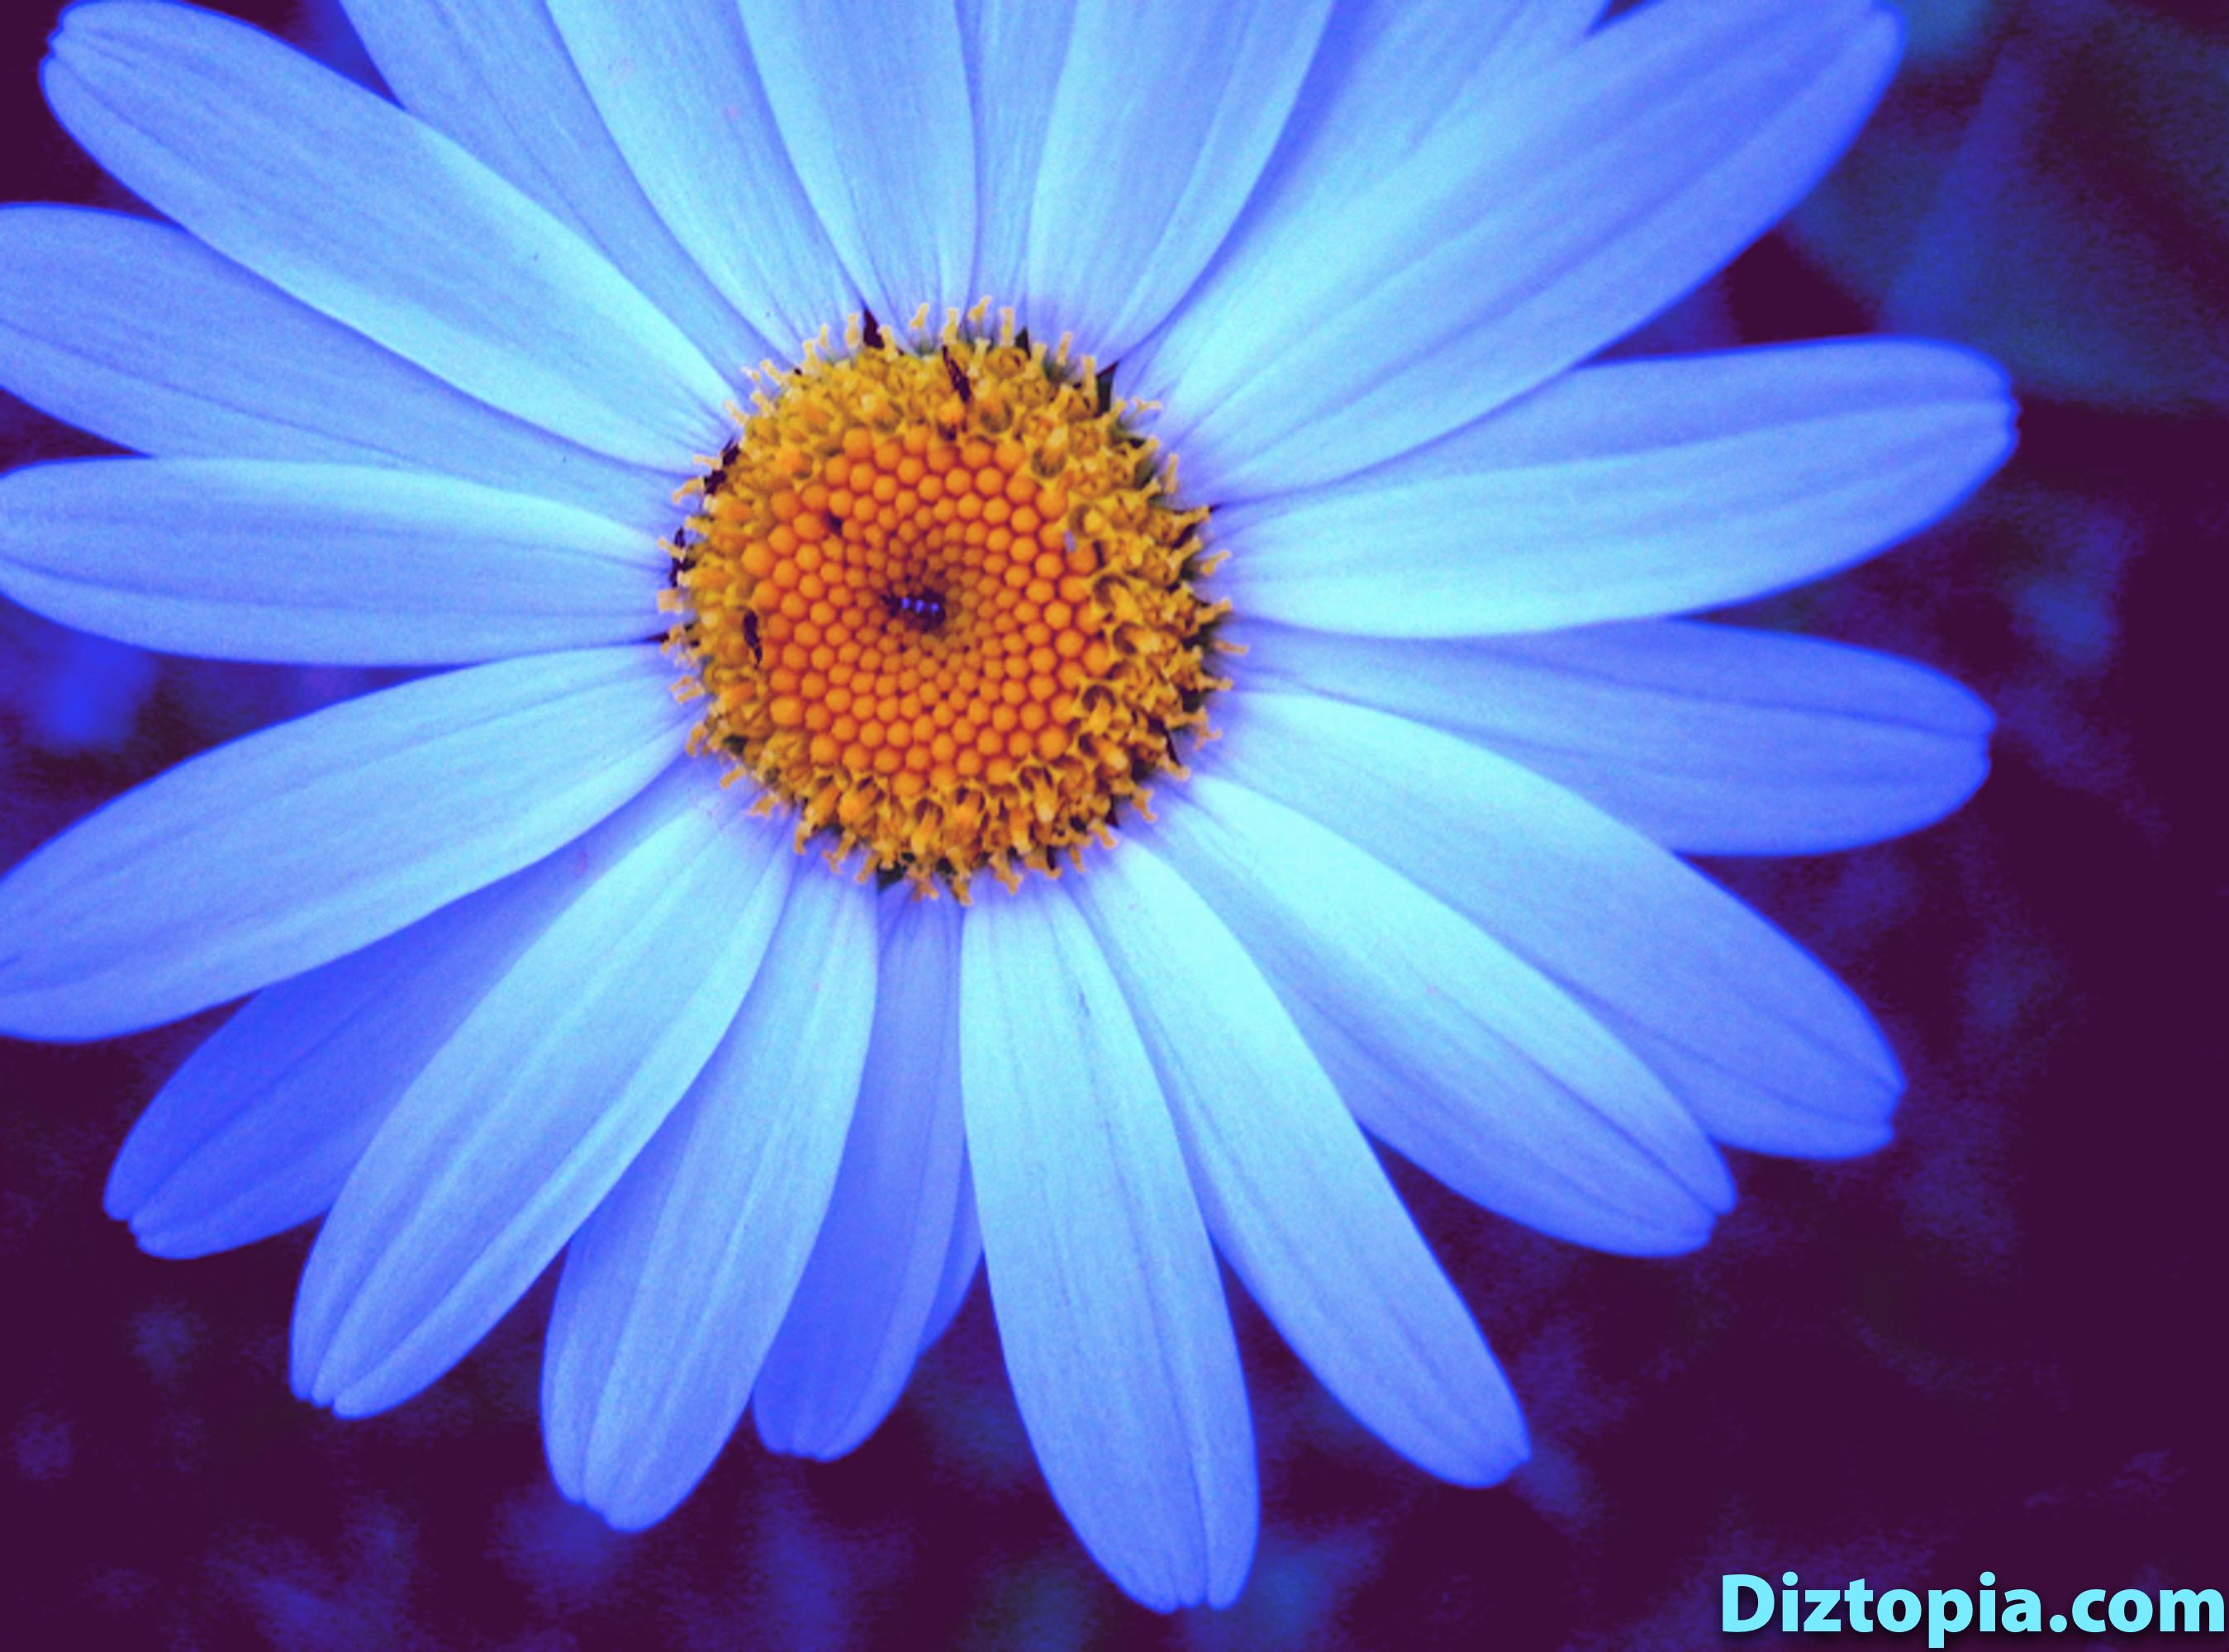 diztopia-com-dizma_dahl-photography-digicam-11